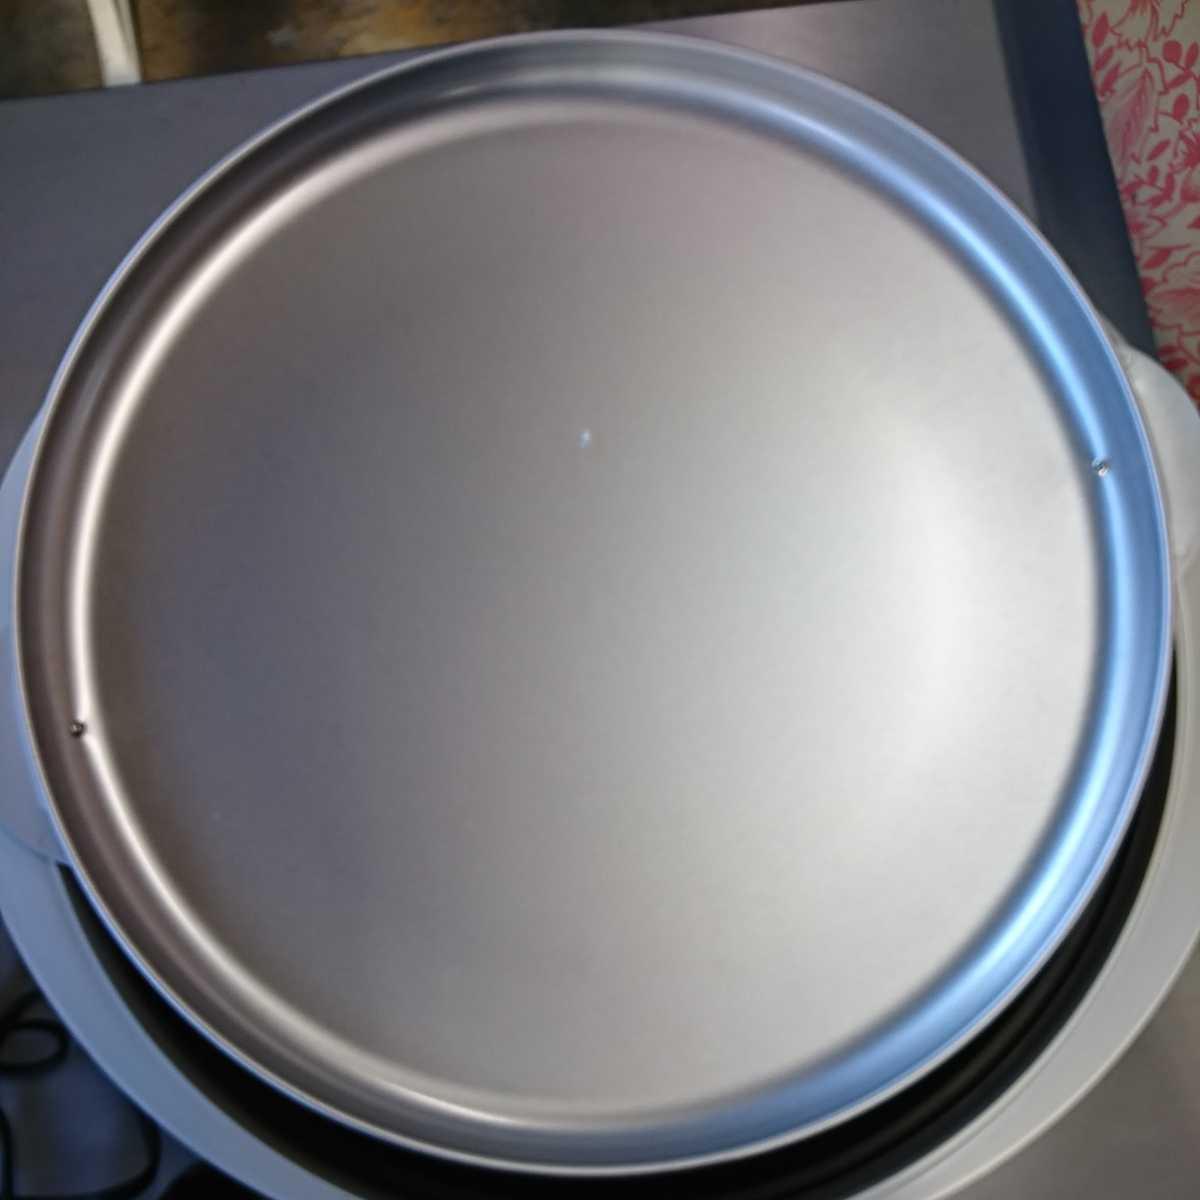 家電3】MITSUBISHI 三菱 ホットプレート HL-B20 EG ユーログレー グレー 調理器具 【通電確認済】お好み焼き 焼肉 焼物 焼そば_画像7